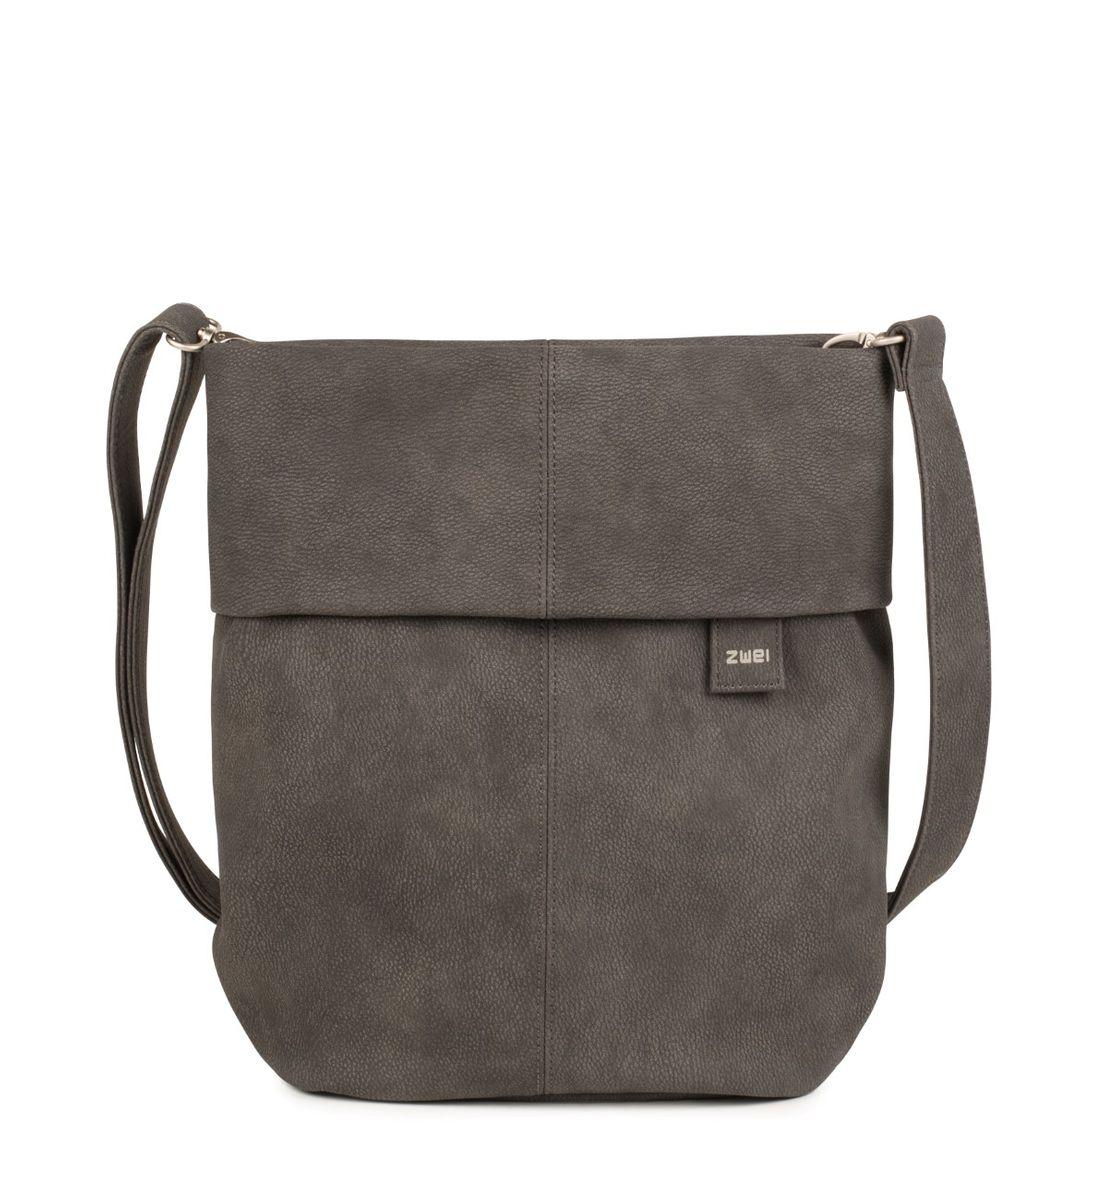 Zwei Umhange Tasche Mademoiselle M12 Haus Der Geschenke